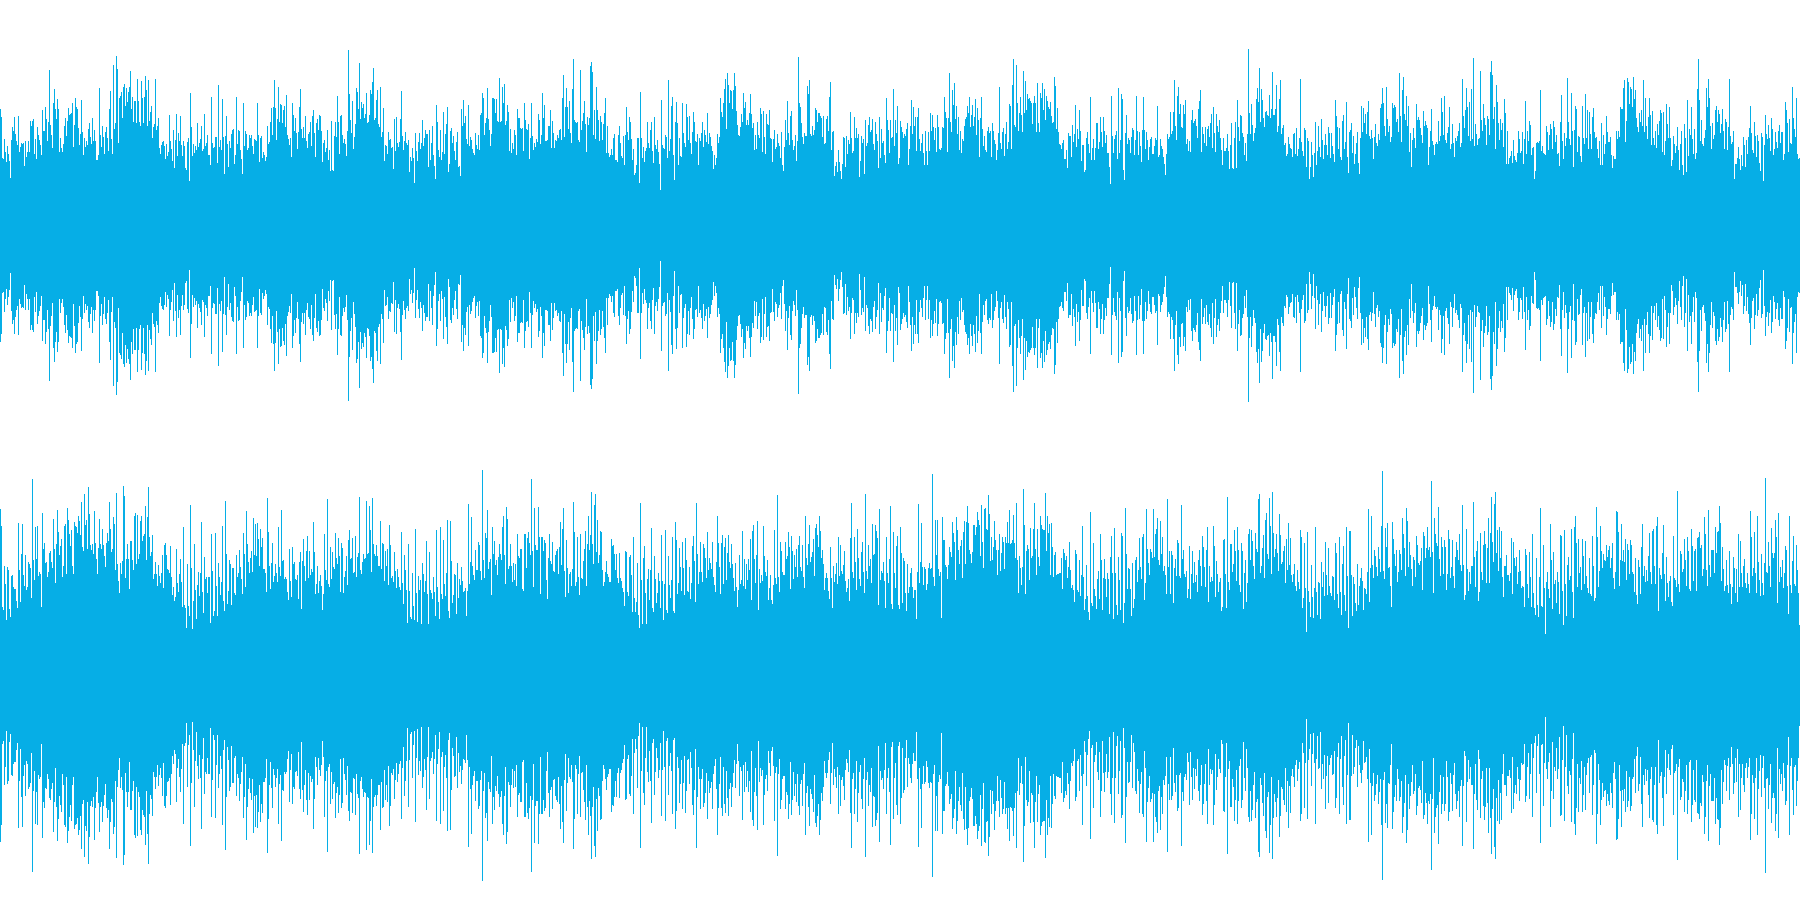 唸るようなホラーサウンドの再生済みの波形